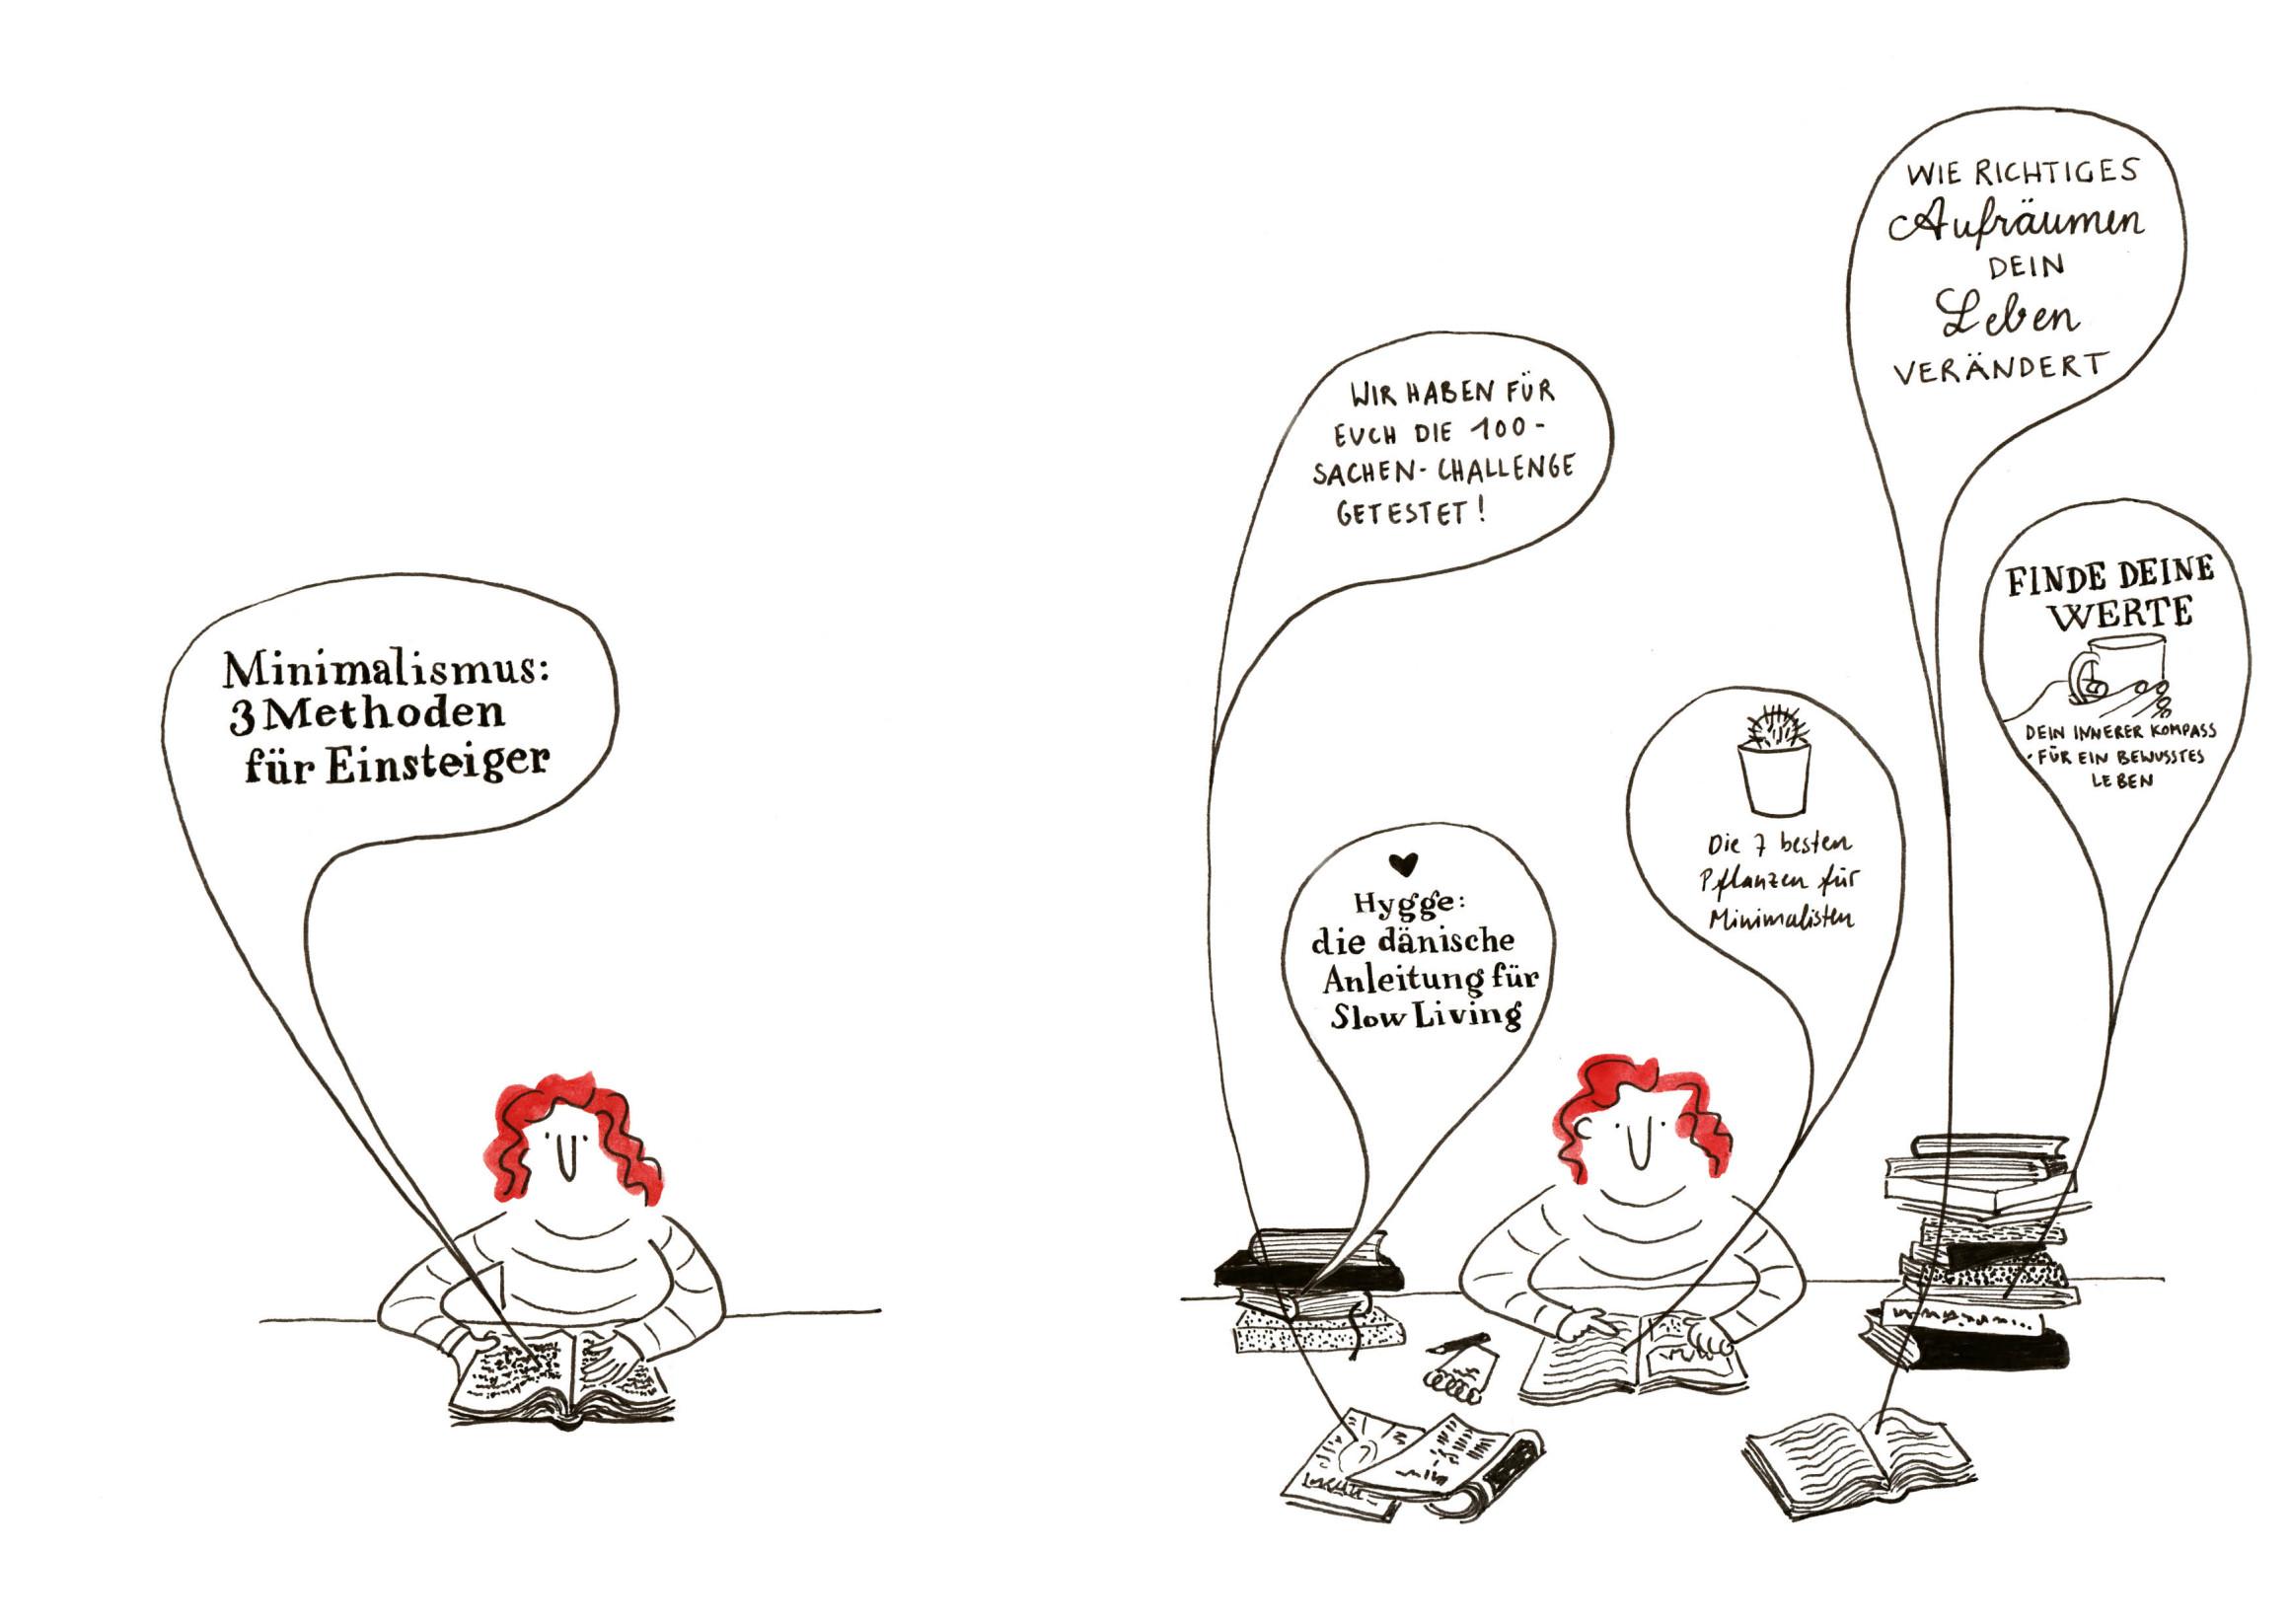 Zeichnung der Protagonistin bei der Minimalismus-Recherche in Büchern und Zeitschriften.